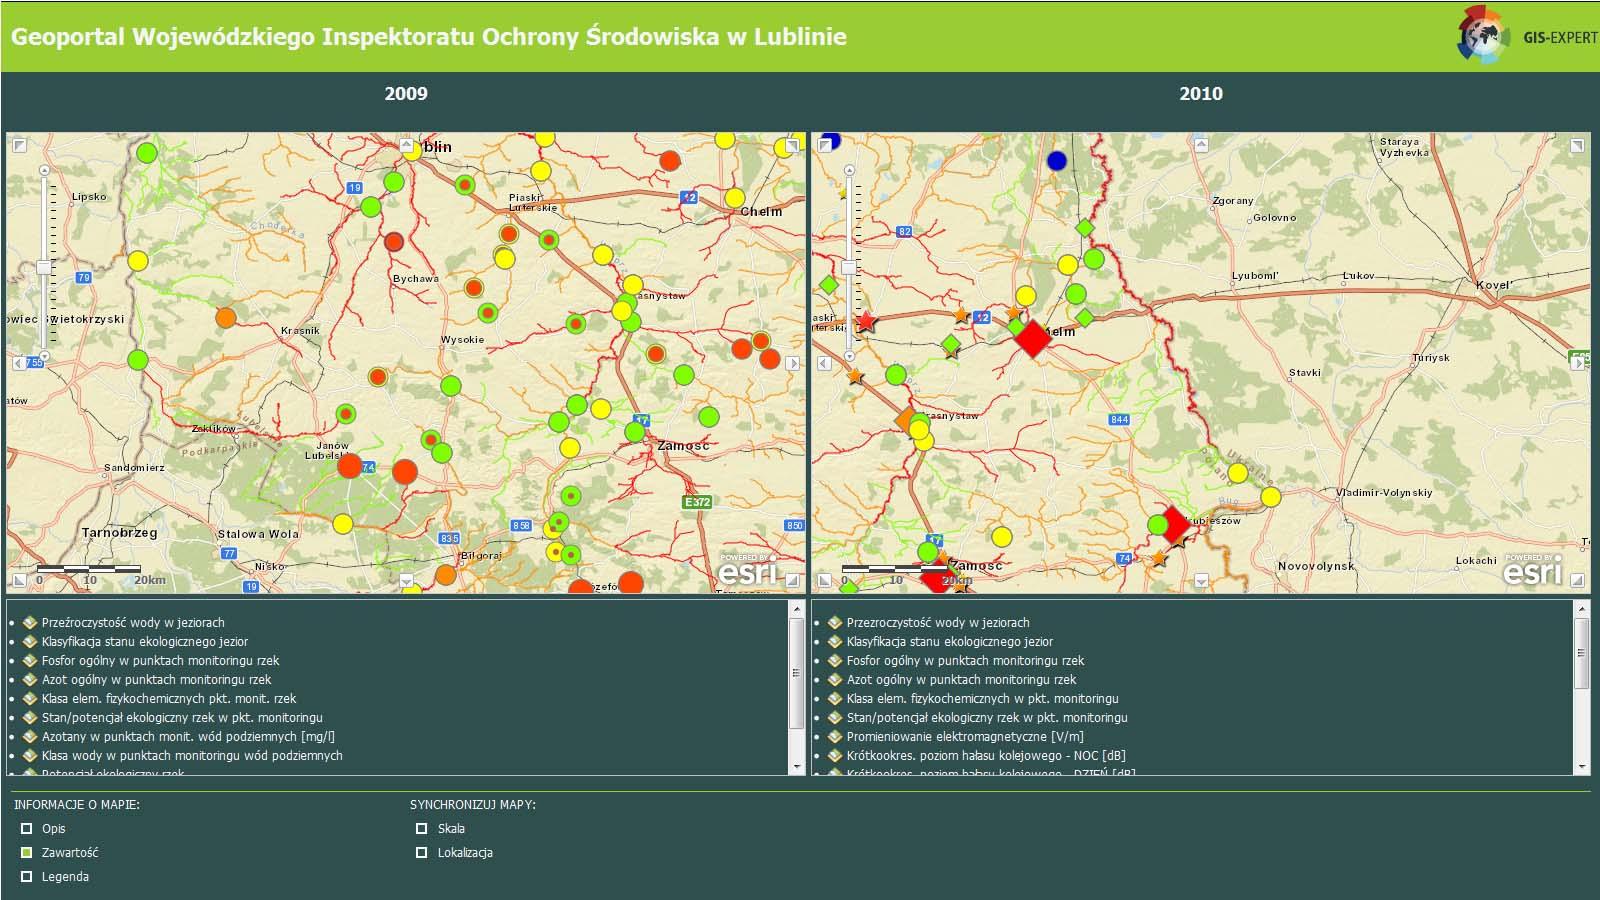 Ryc. 3. Geoportal Wojewódzkiego Inspektoratu Ochrony Środowiska w Lublinie wykorzystujący usługi www.arcgis.com.